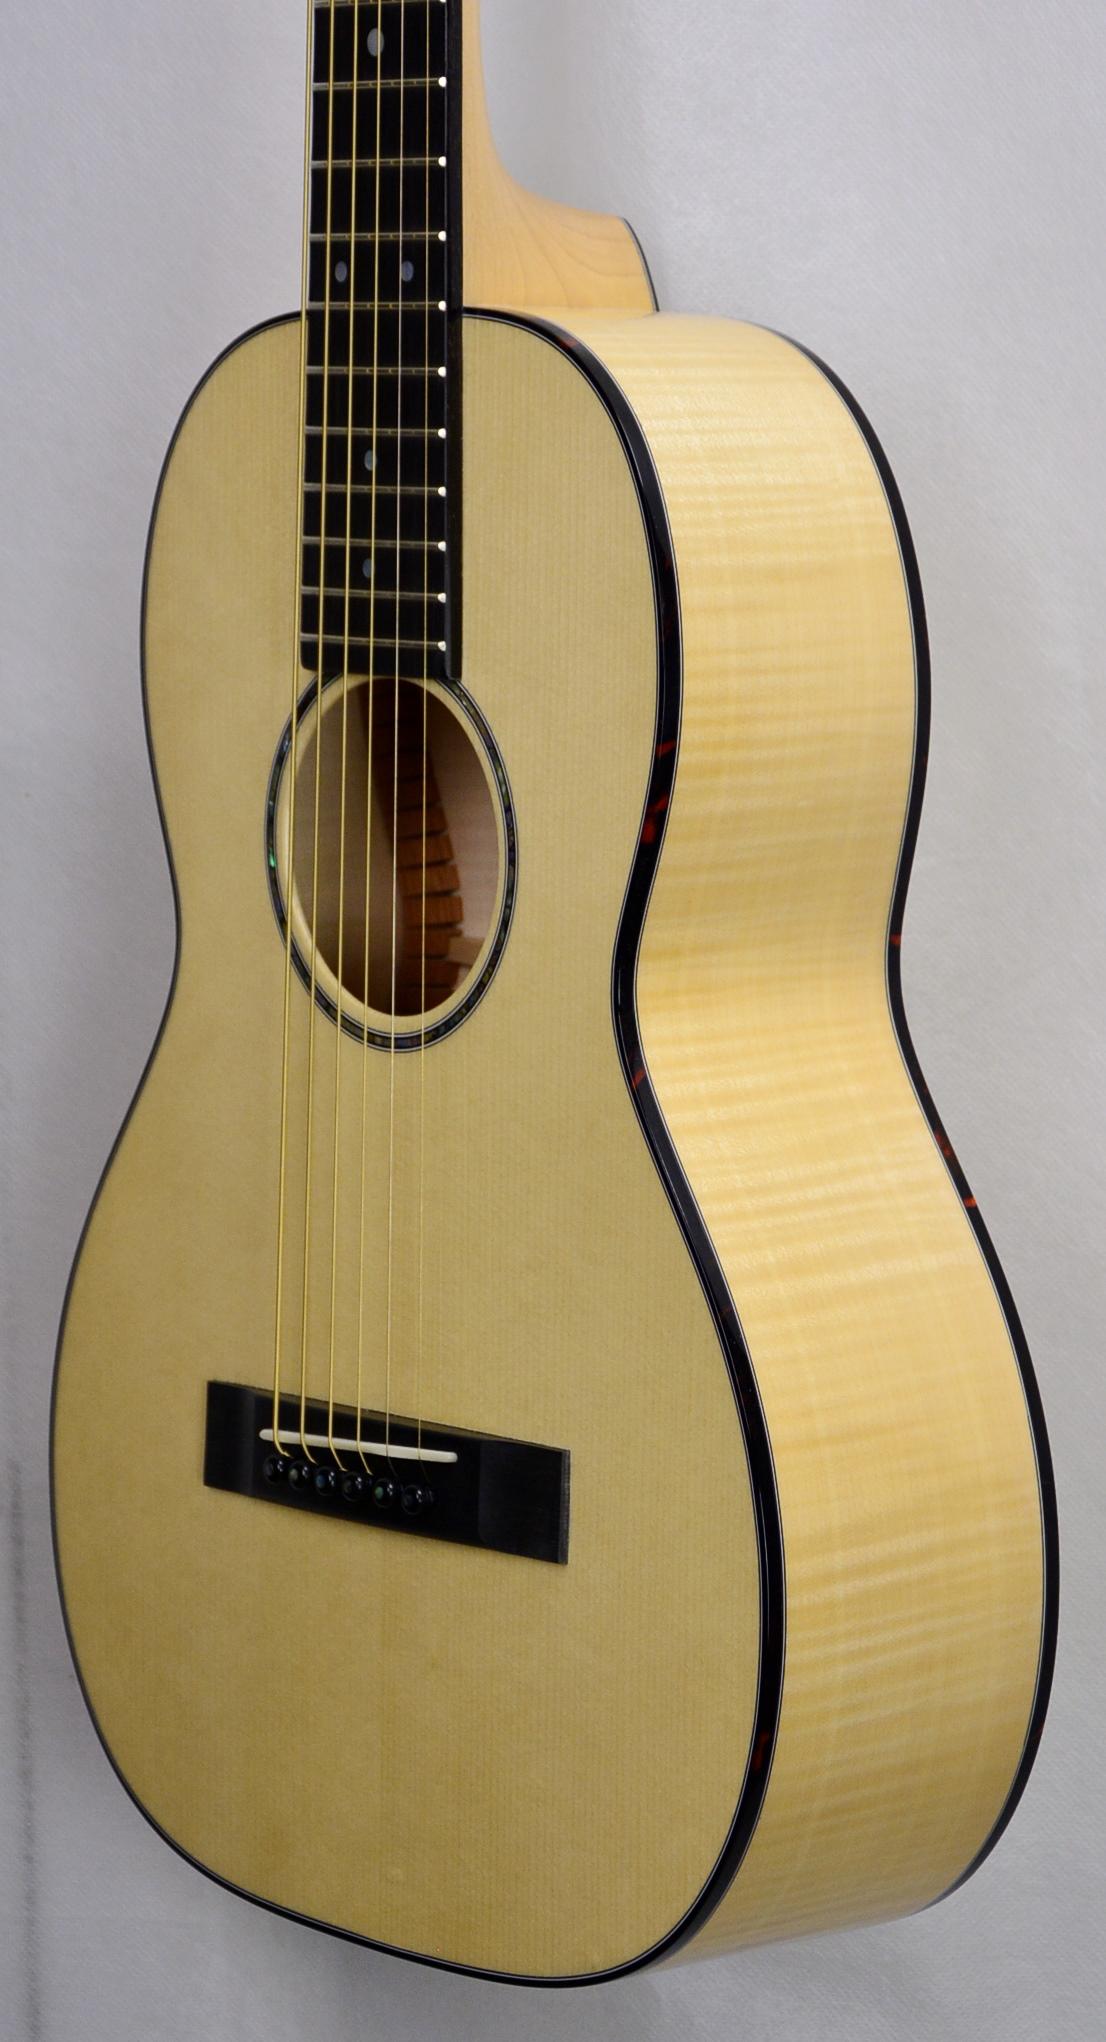 Q-2333824 S-1794471 Size 5 Fl Maple Engelmann (4).JPG